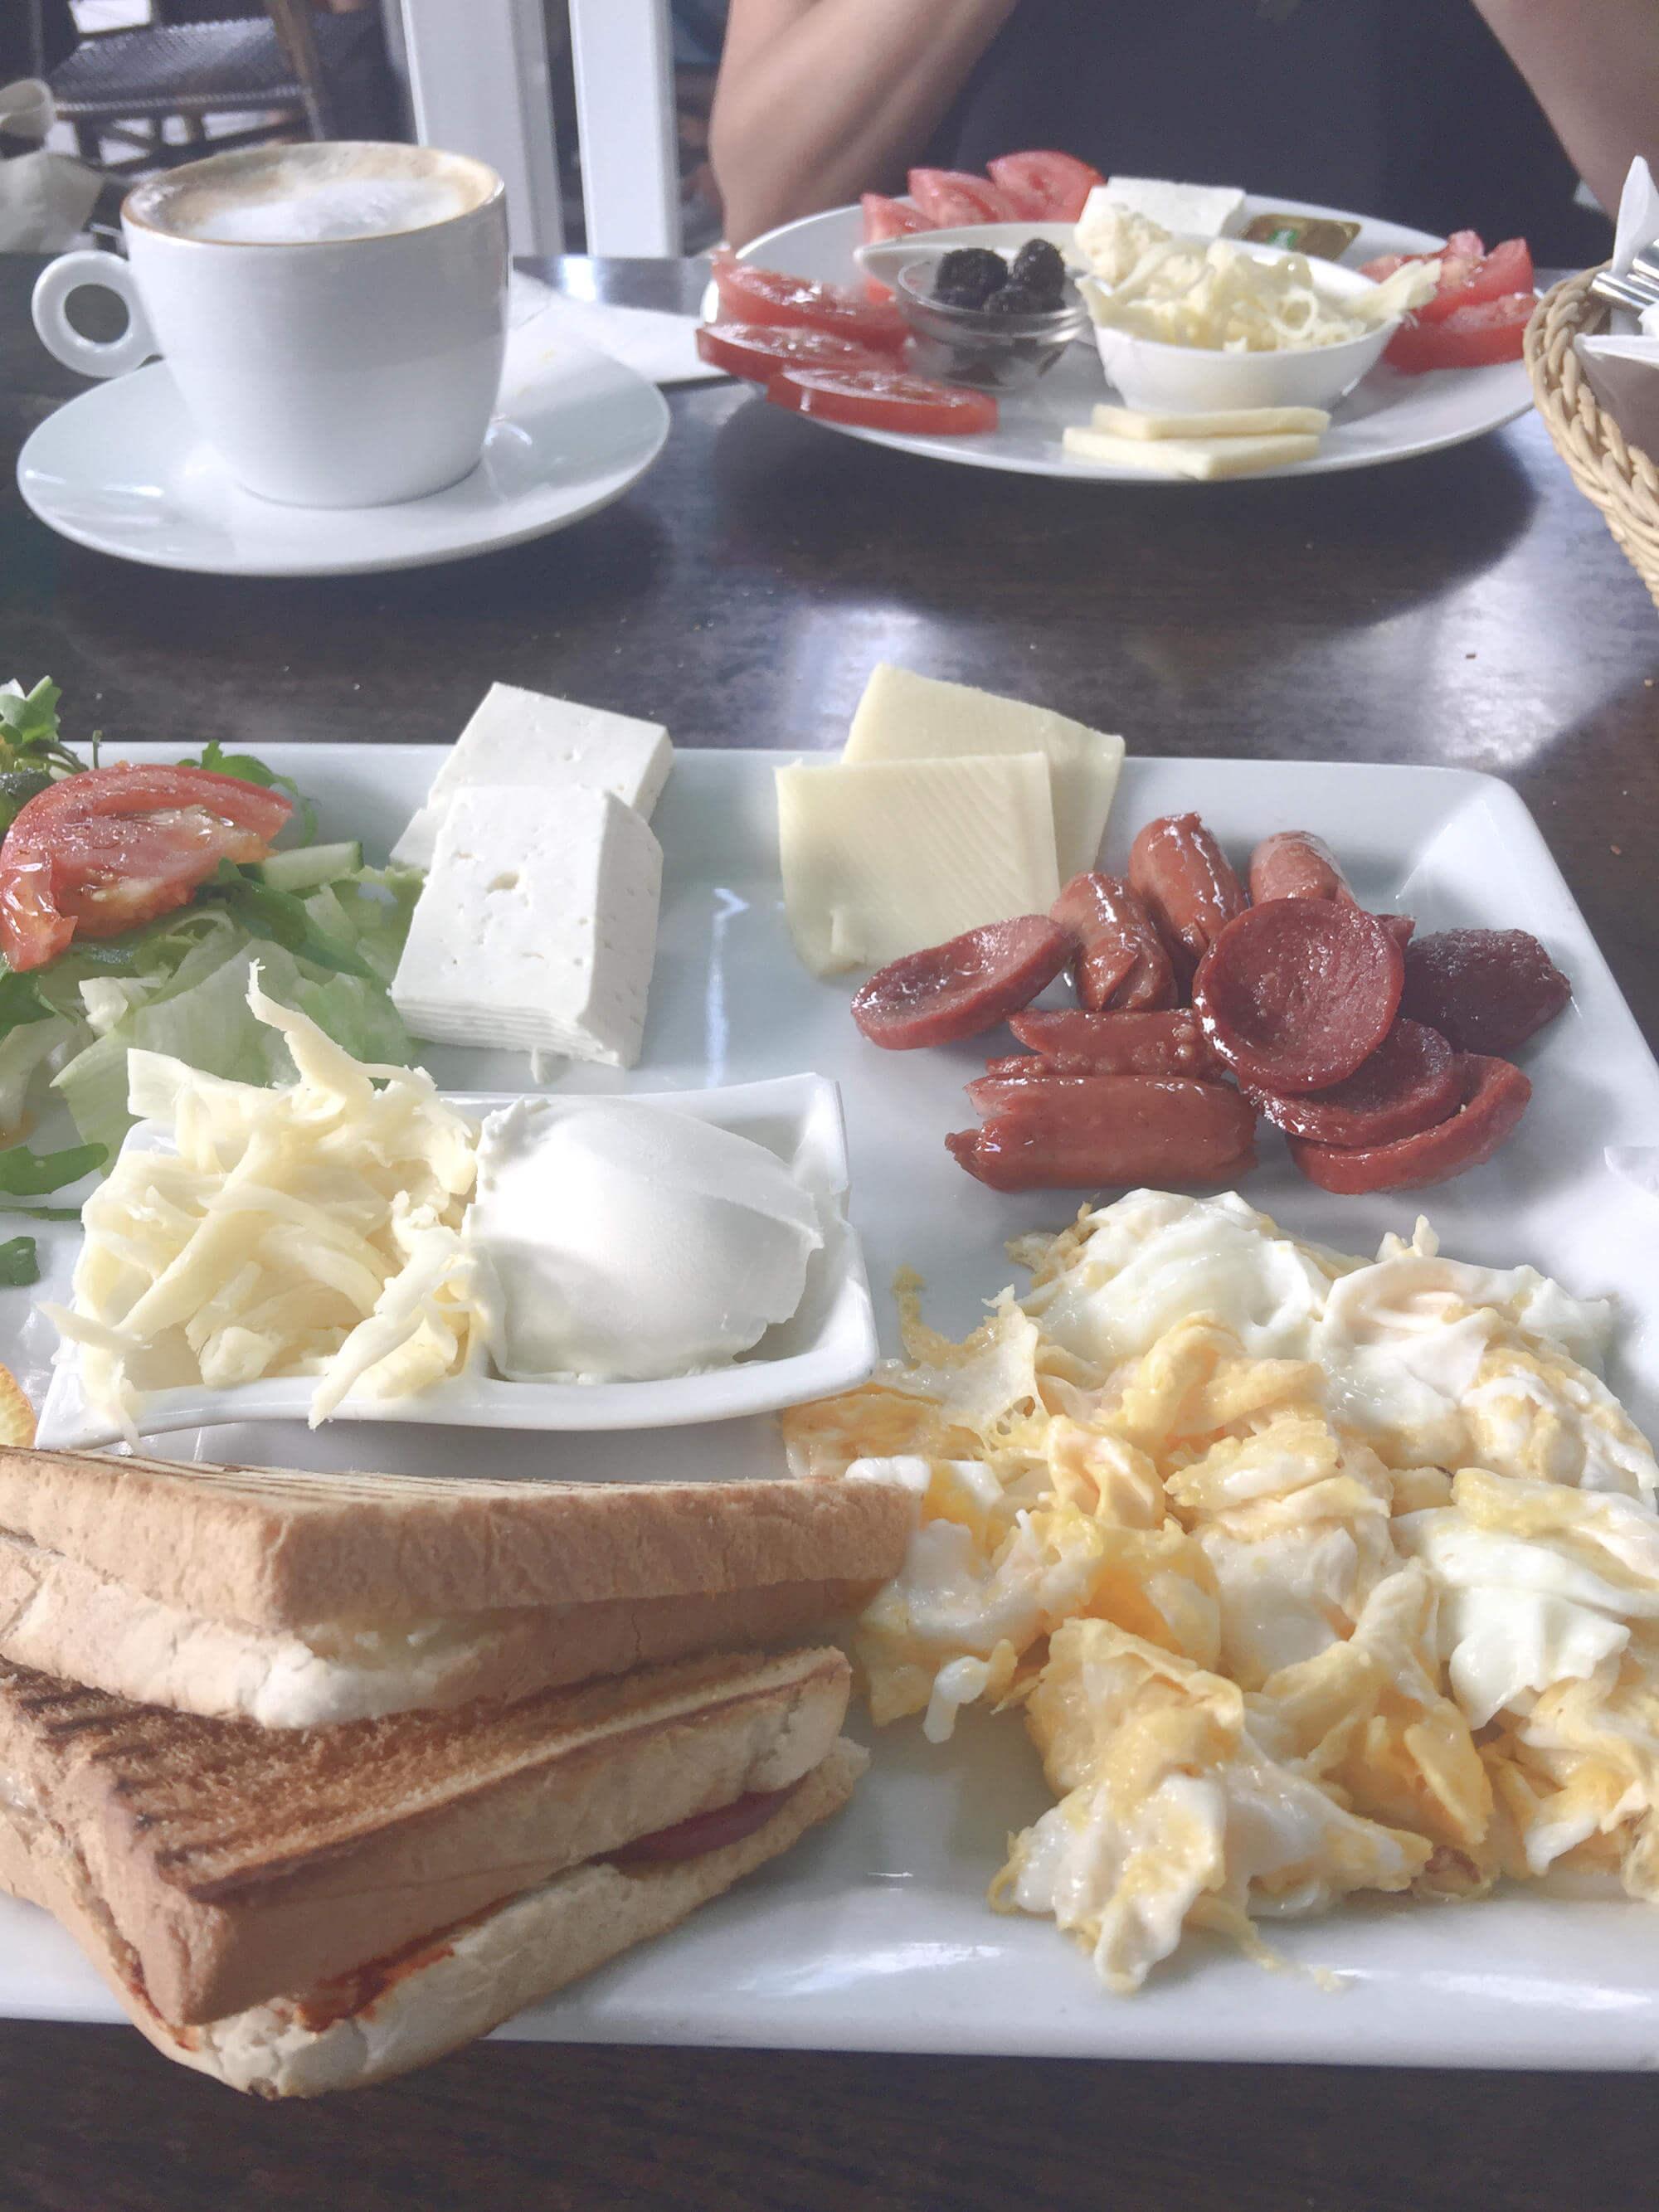 La Femme deluxe-Frühstück: Rührei, Toast, gebratenen Würstchen und Sucuk, verschiedenener türkischer Käse + türkisches Käse-Frühstück